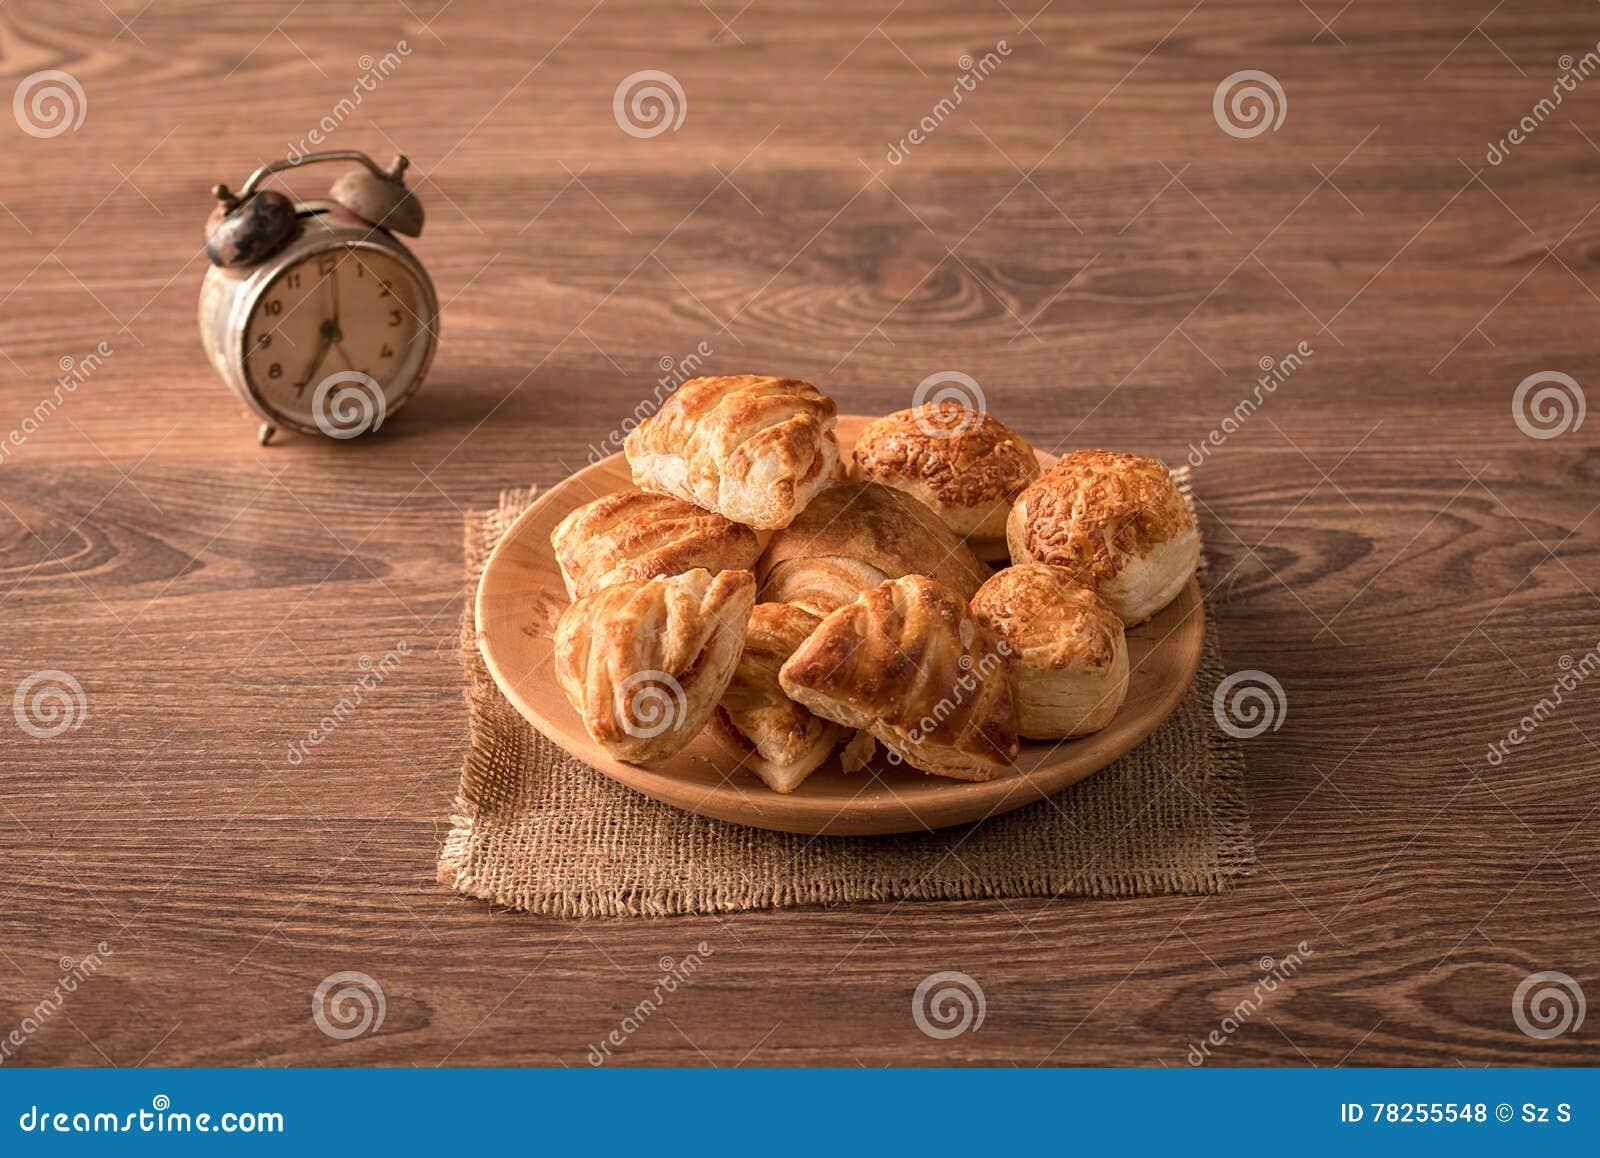 Μπισκότα στο ξύλινο πιάτο